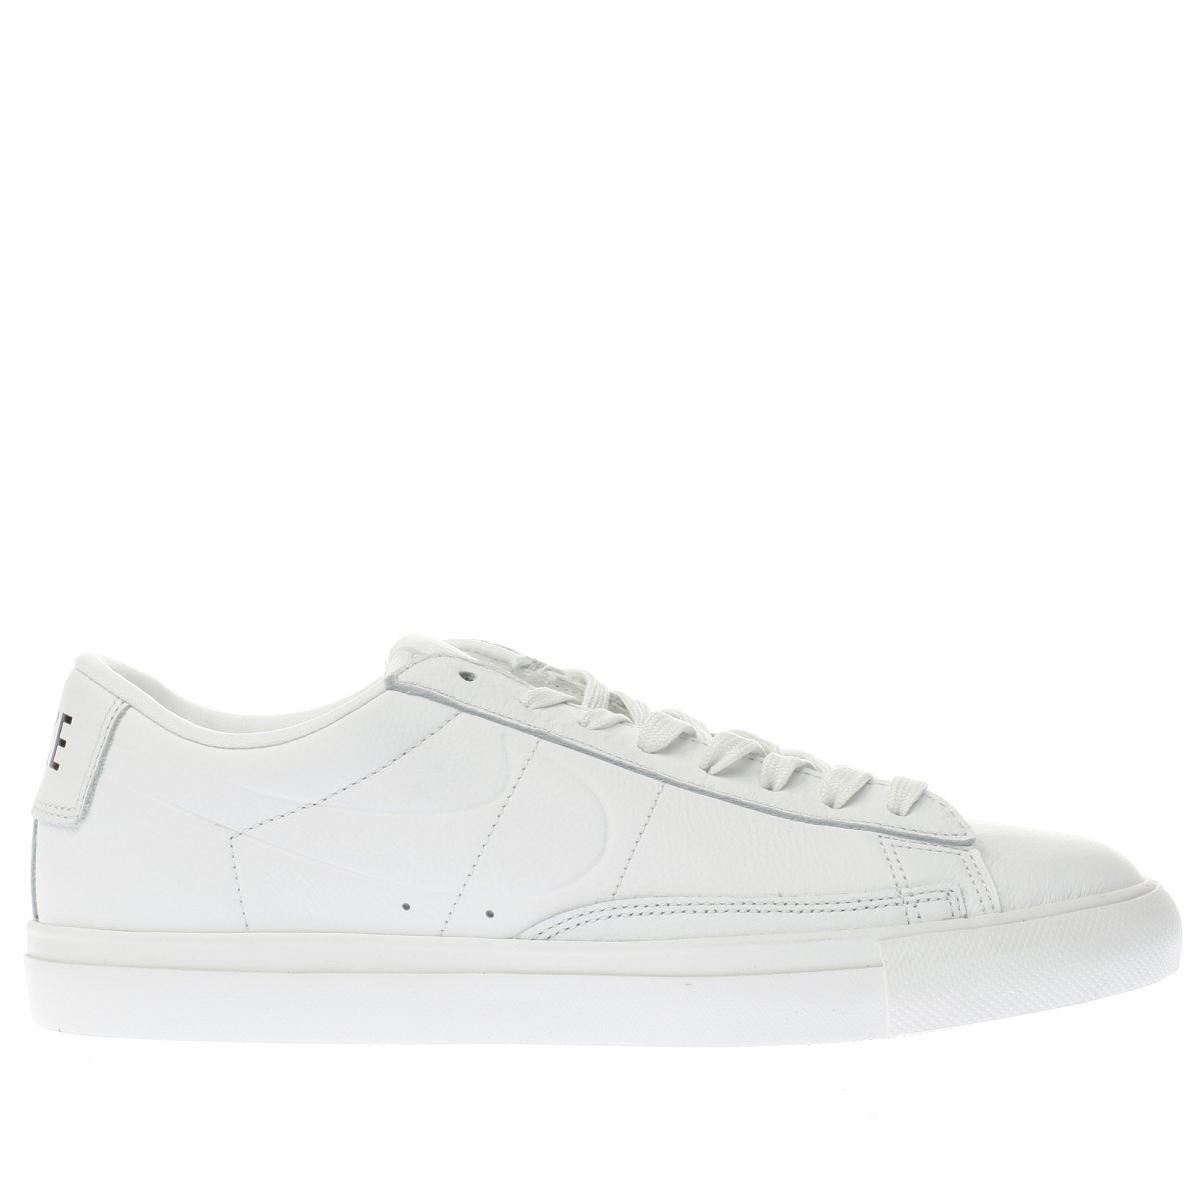 nike white blazer low trainers